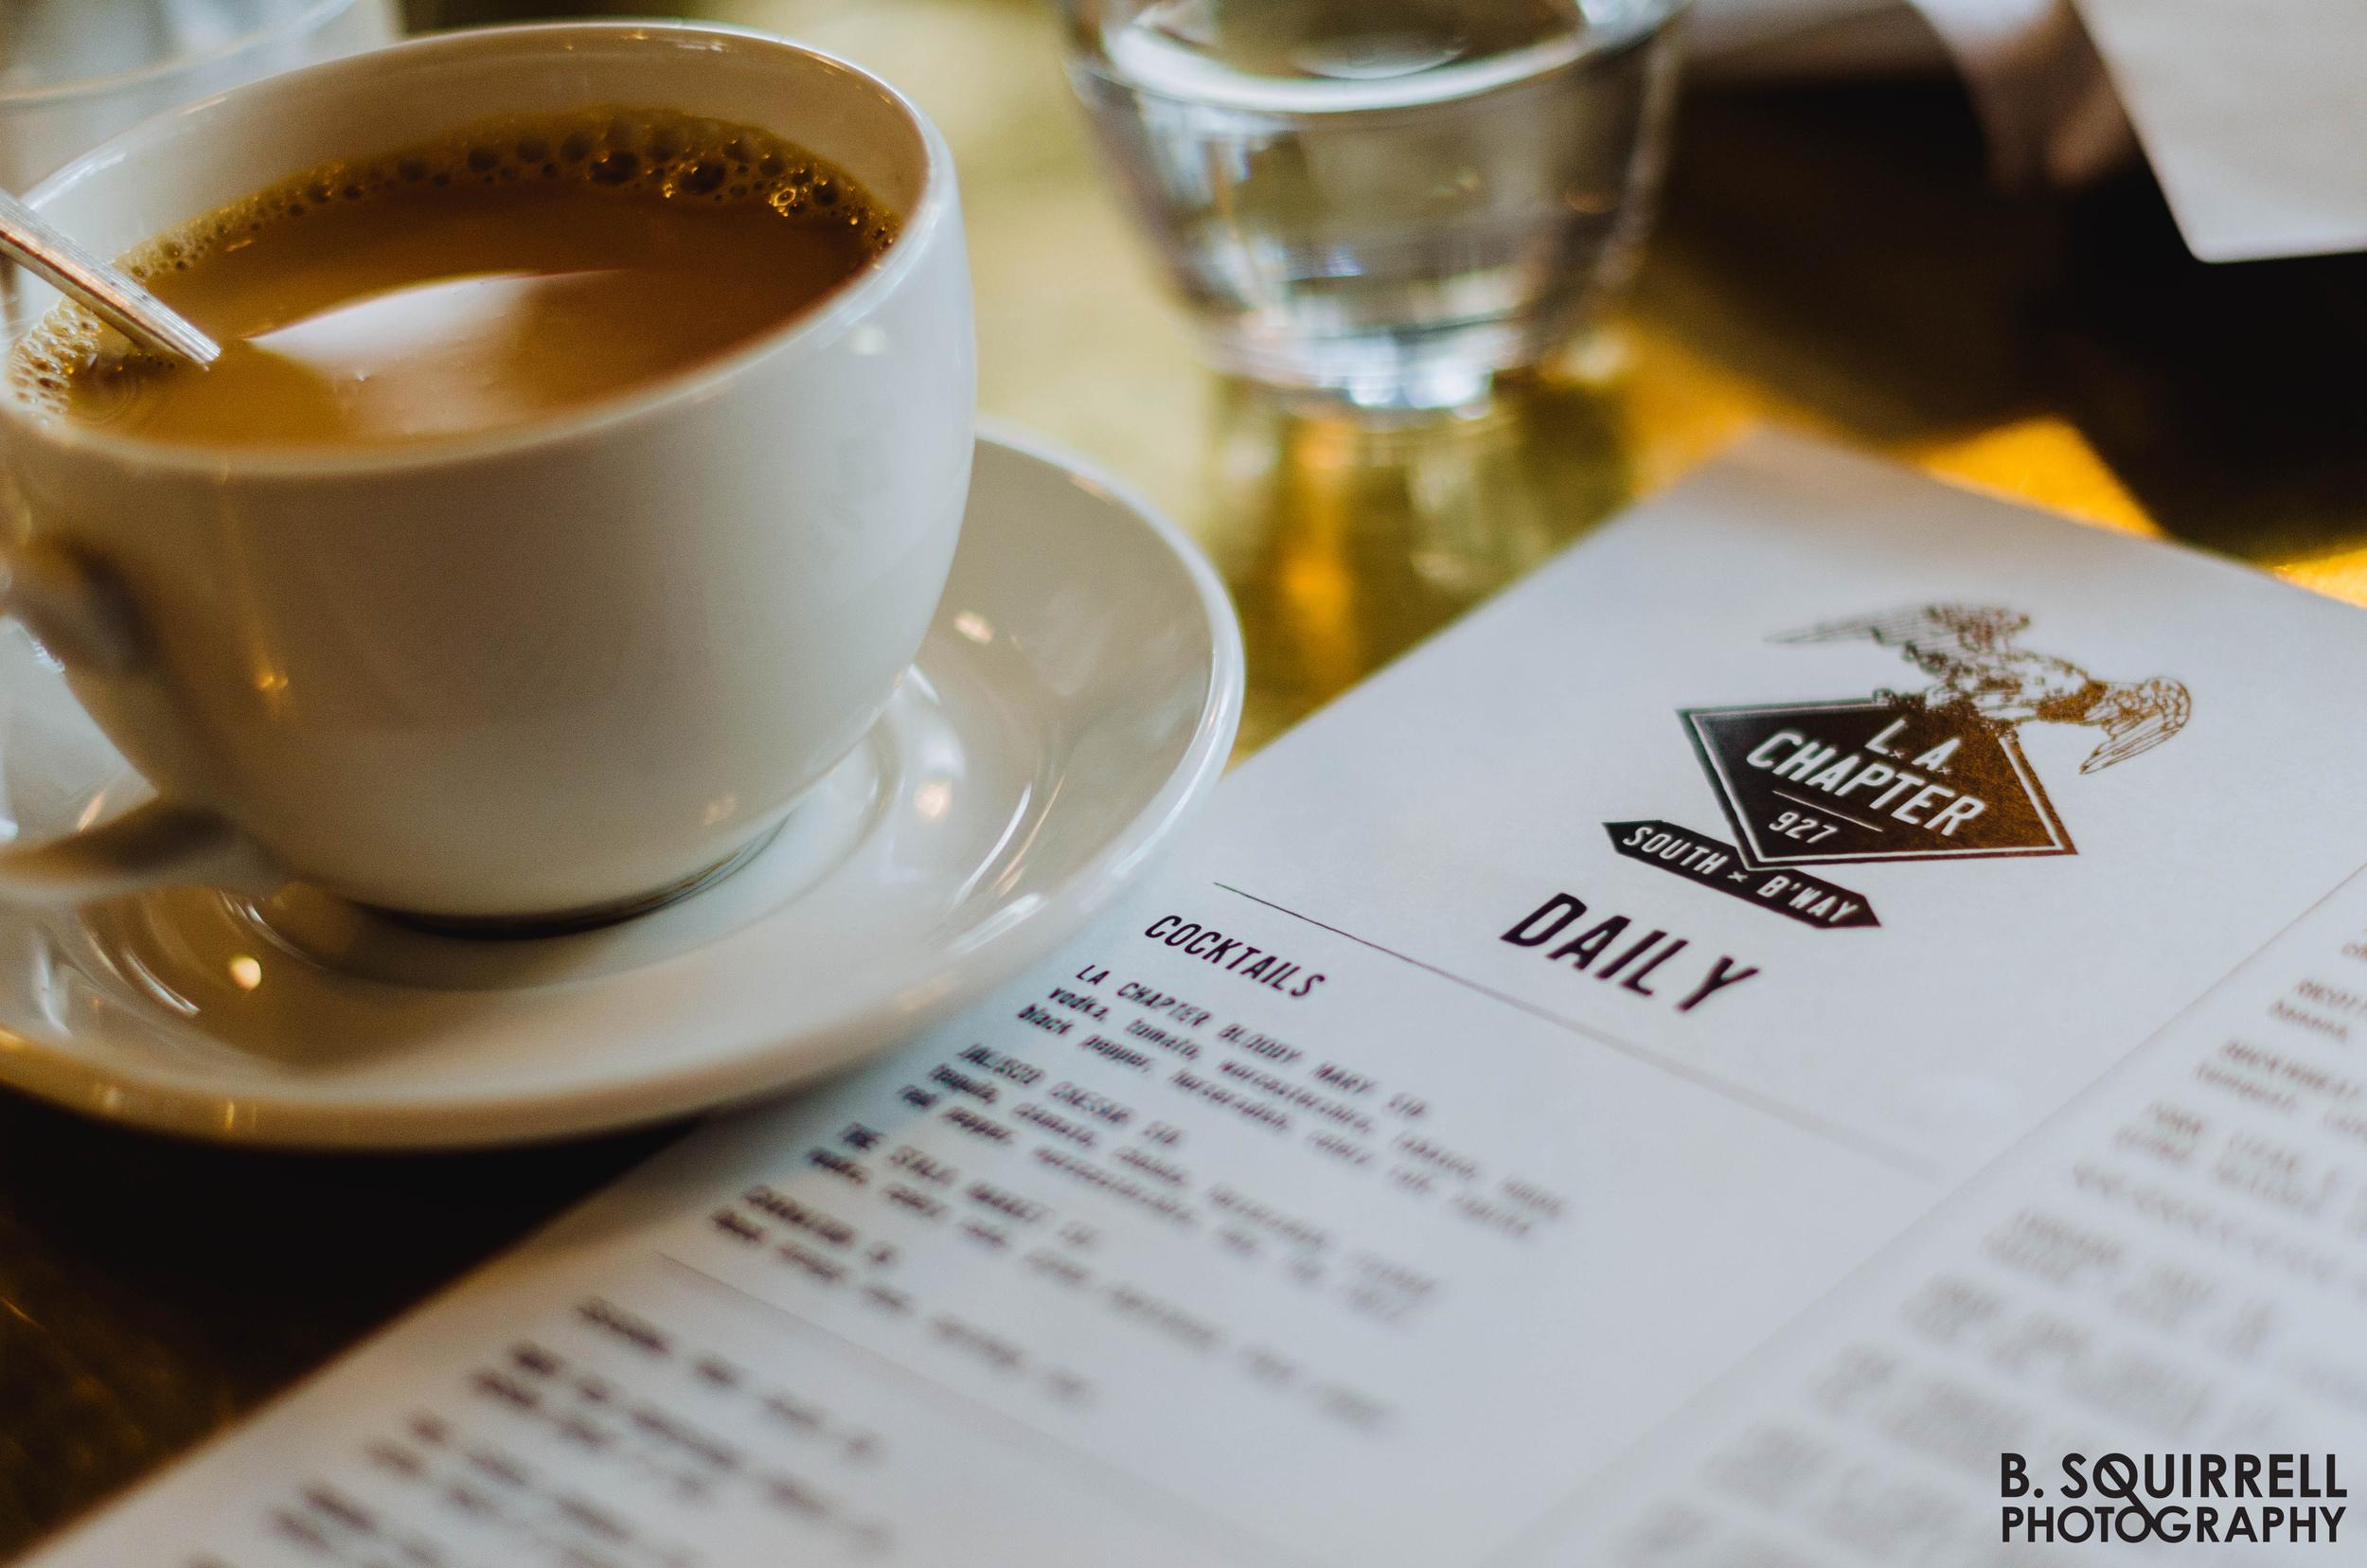 scoutfolks_blog_Ace Coffee.jpg